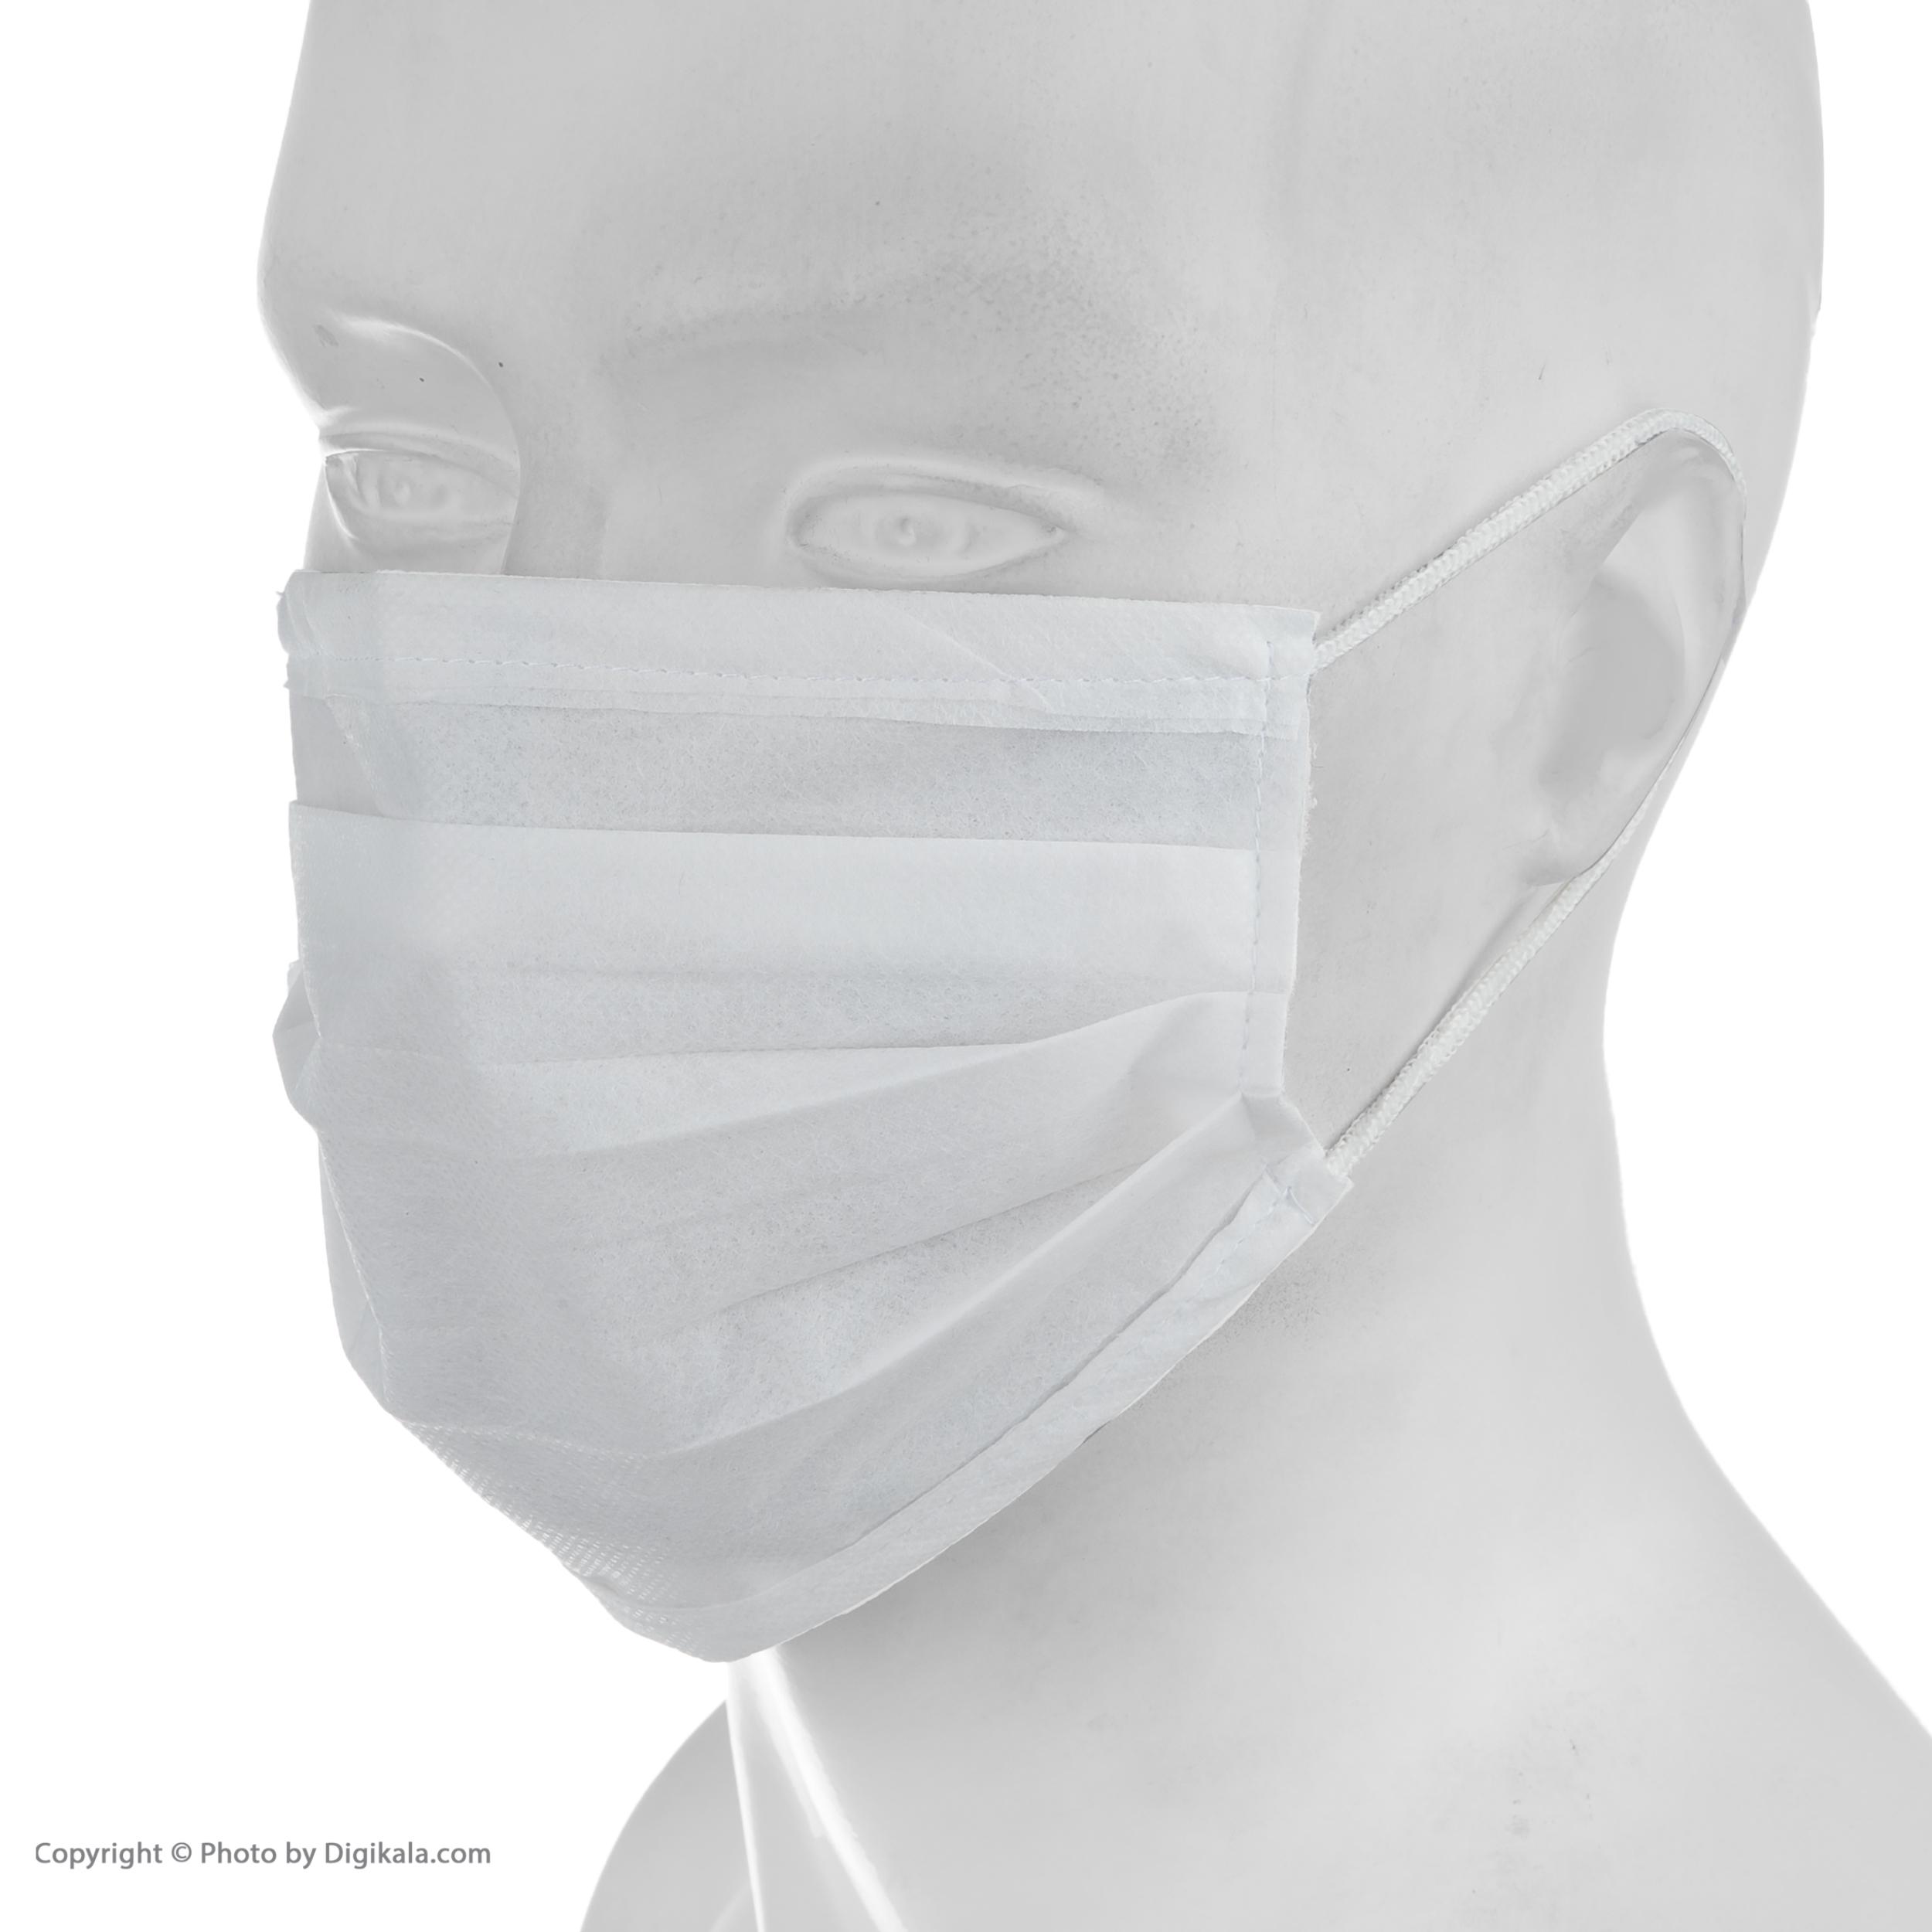 ماسک تنفسی مدل M02 بسته 20 عددی